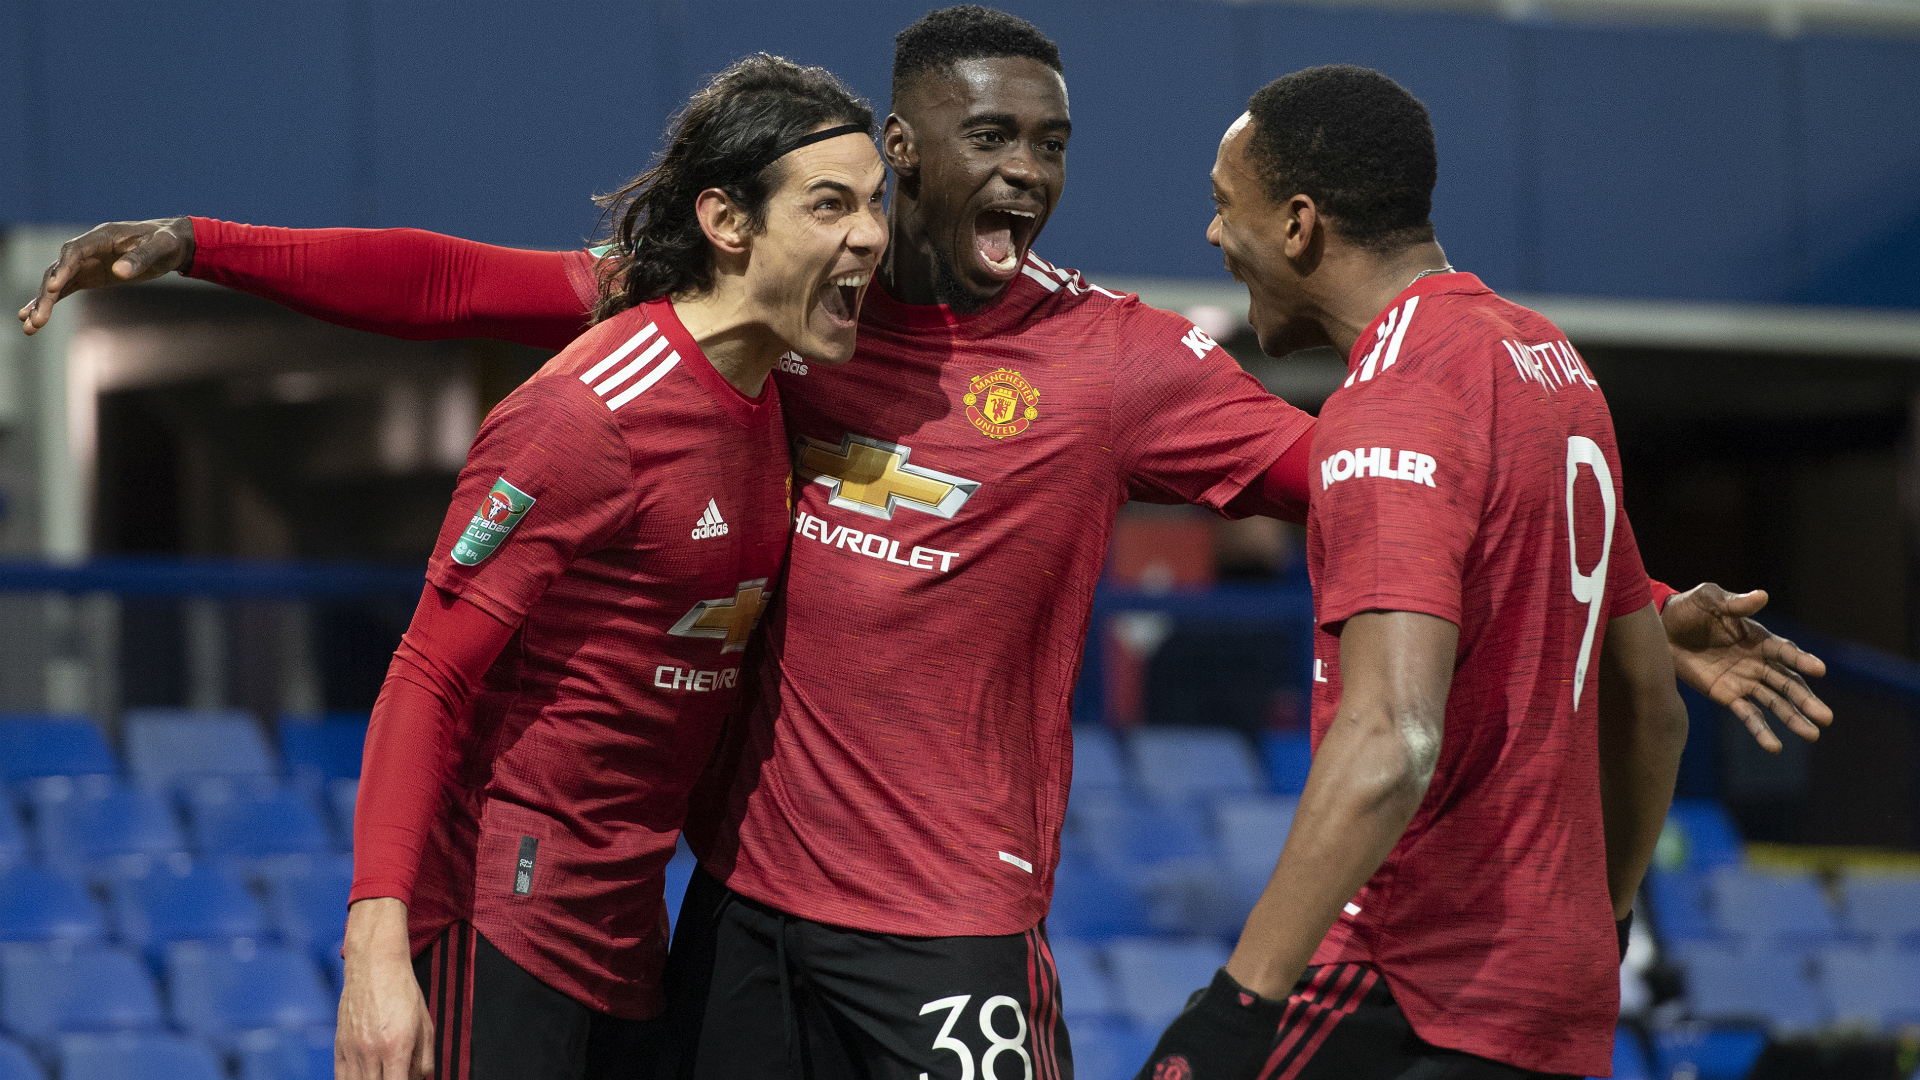 Martial's confidence was bruised – Solskjaer backs Man Utd forward after criticism